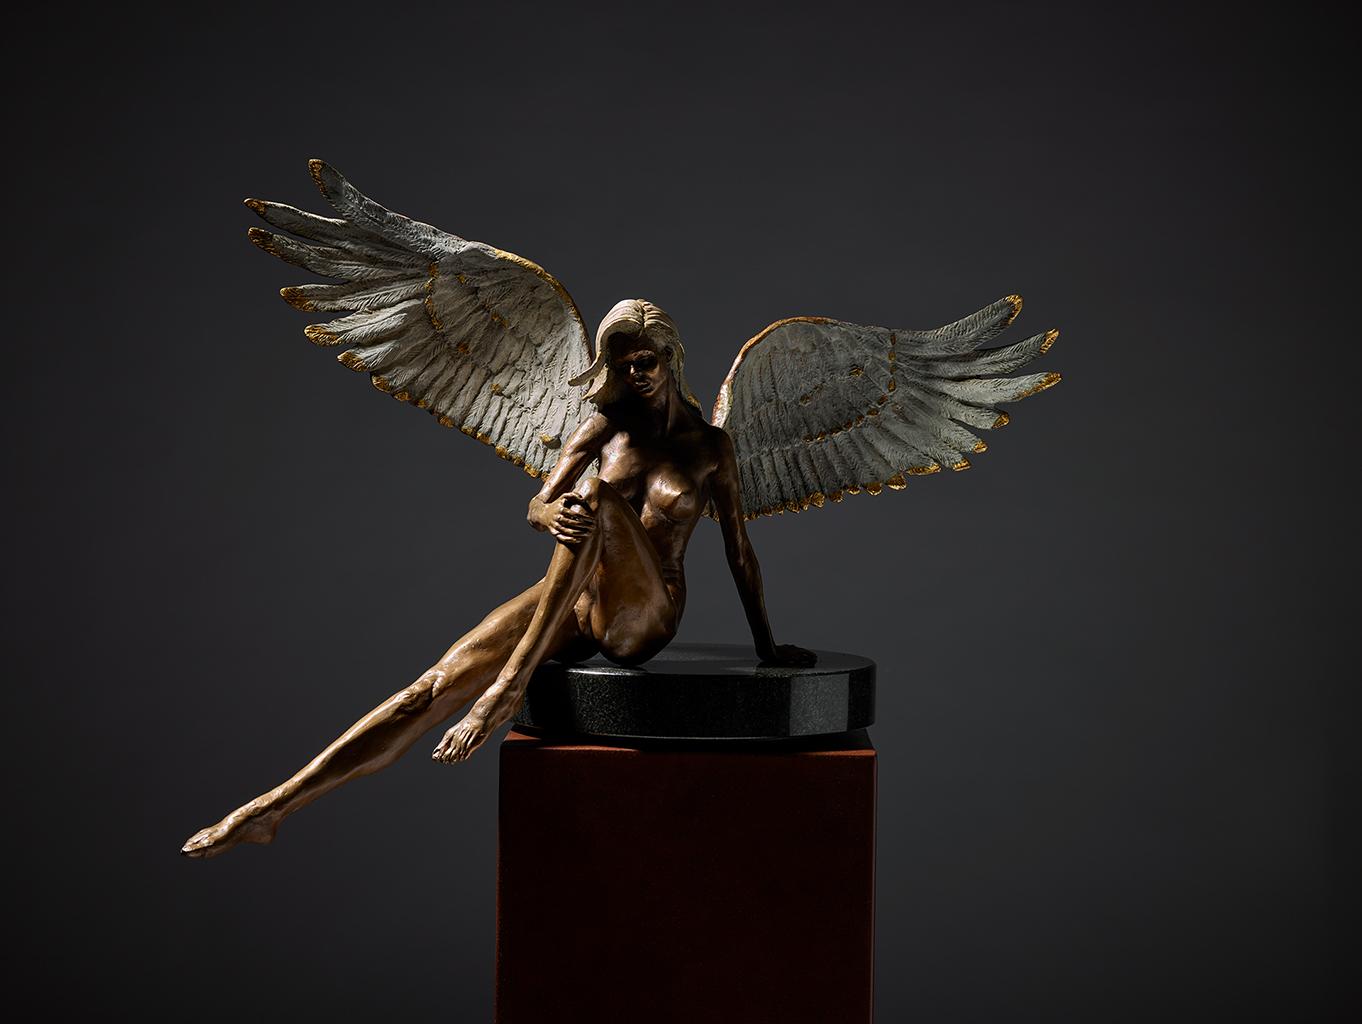 fallen angel edwards_1711_001.jpg